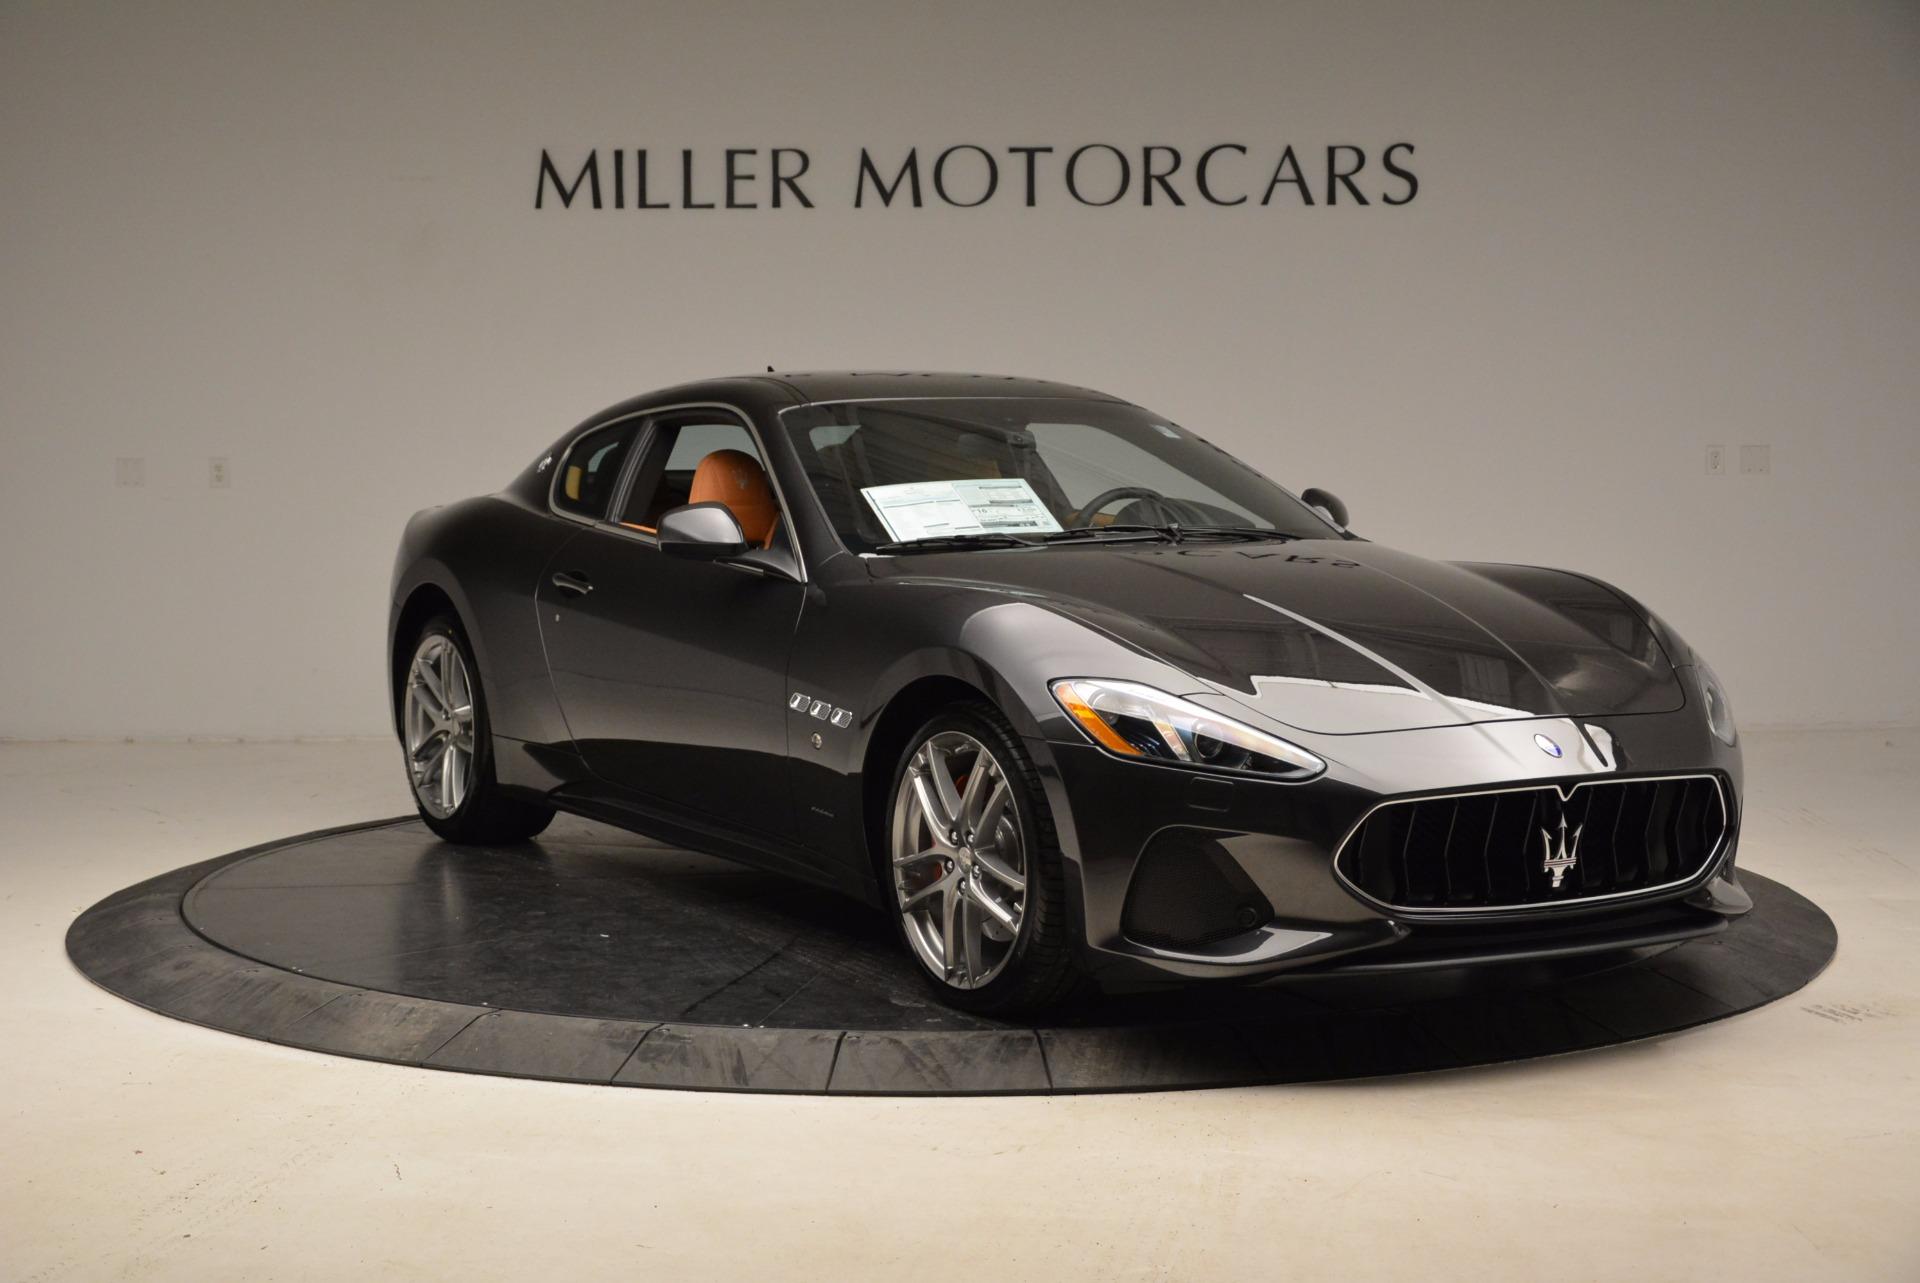 New 2018 Maserati GranTurismo Sport Coupe For Sale In Greenwich, CT 1771_p11